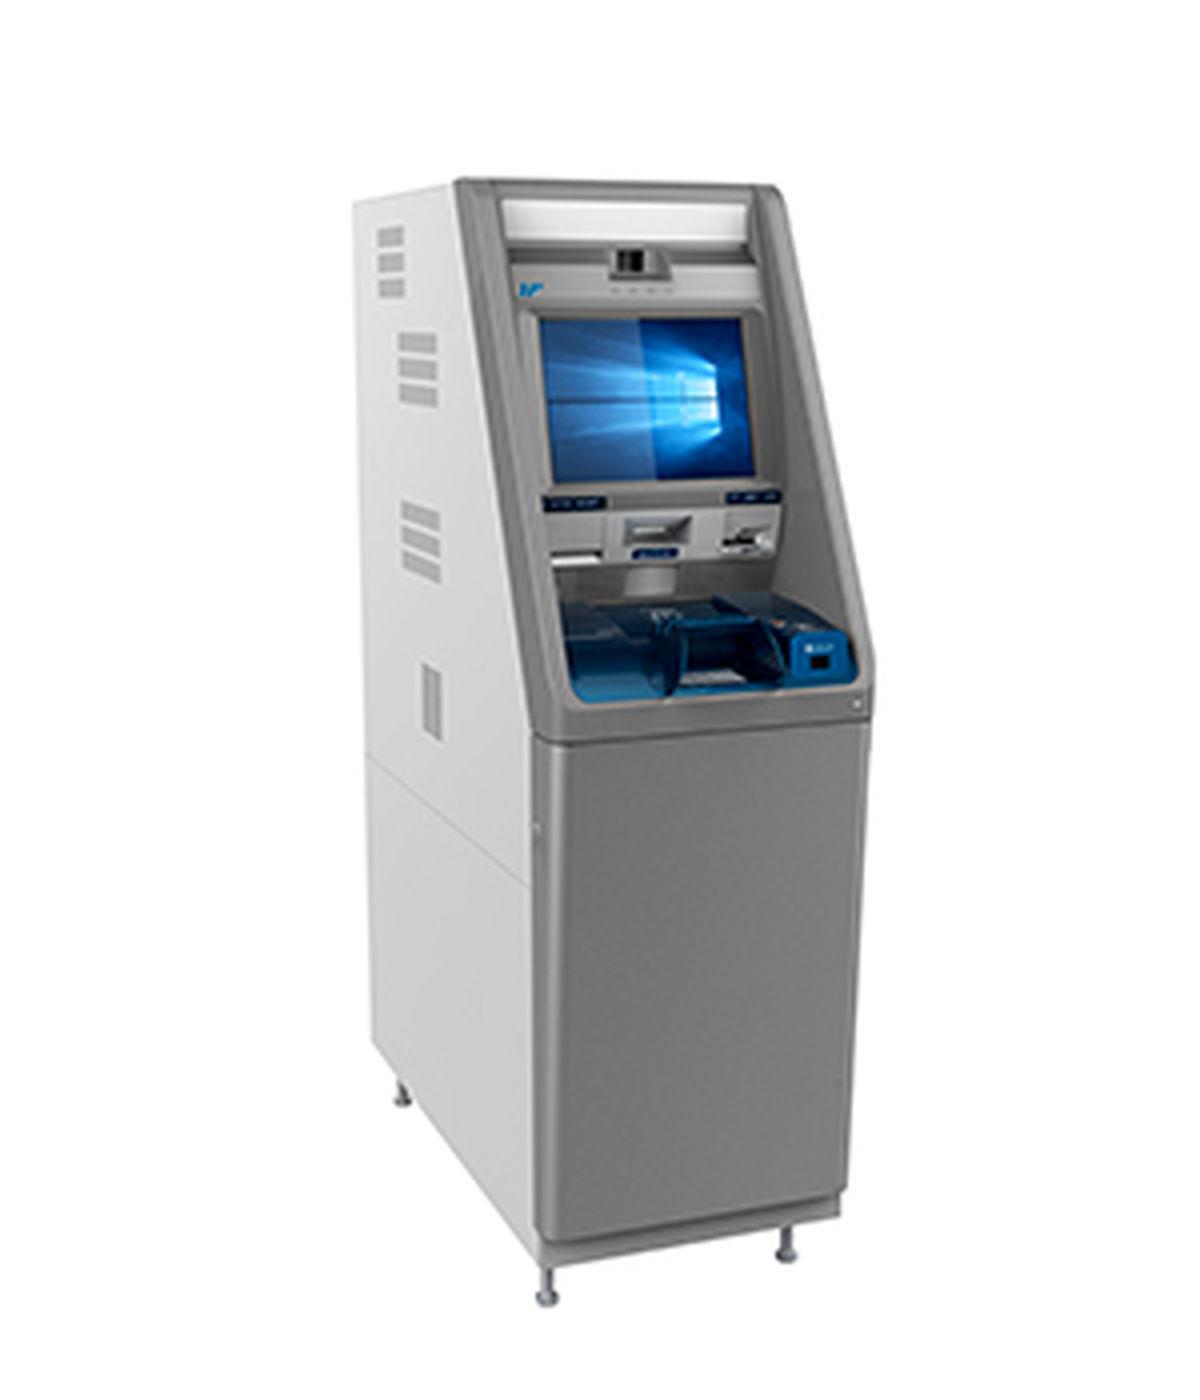 افزایش تعداد دستگاه های خوددریافت- خودپرداز بانک ملت در سراسر کشور